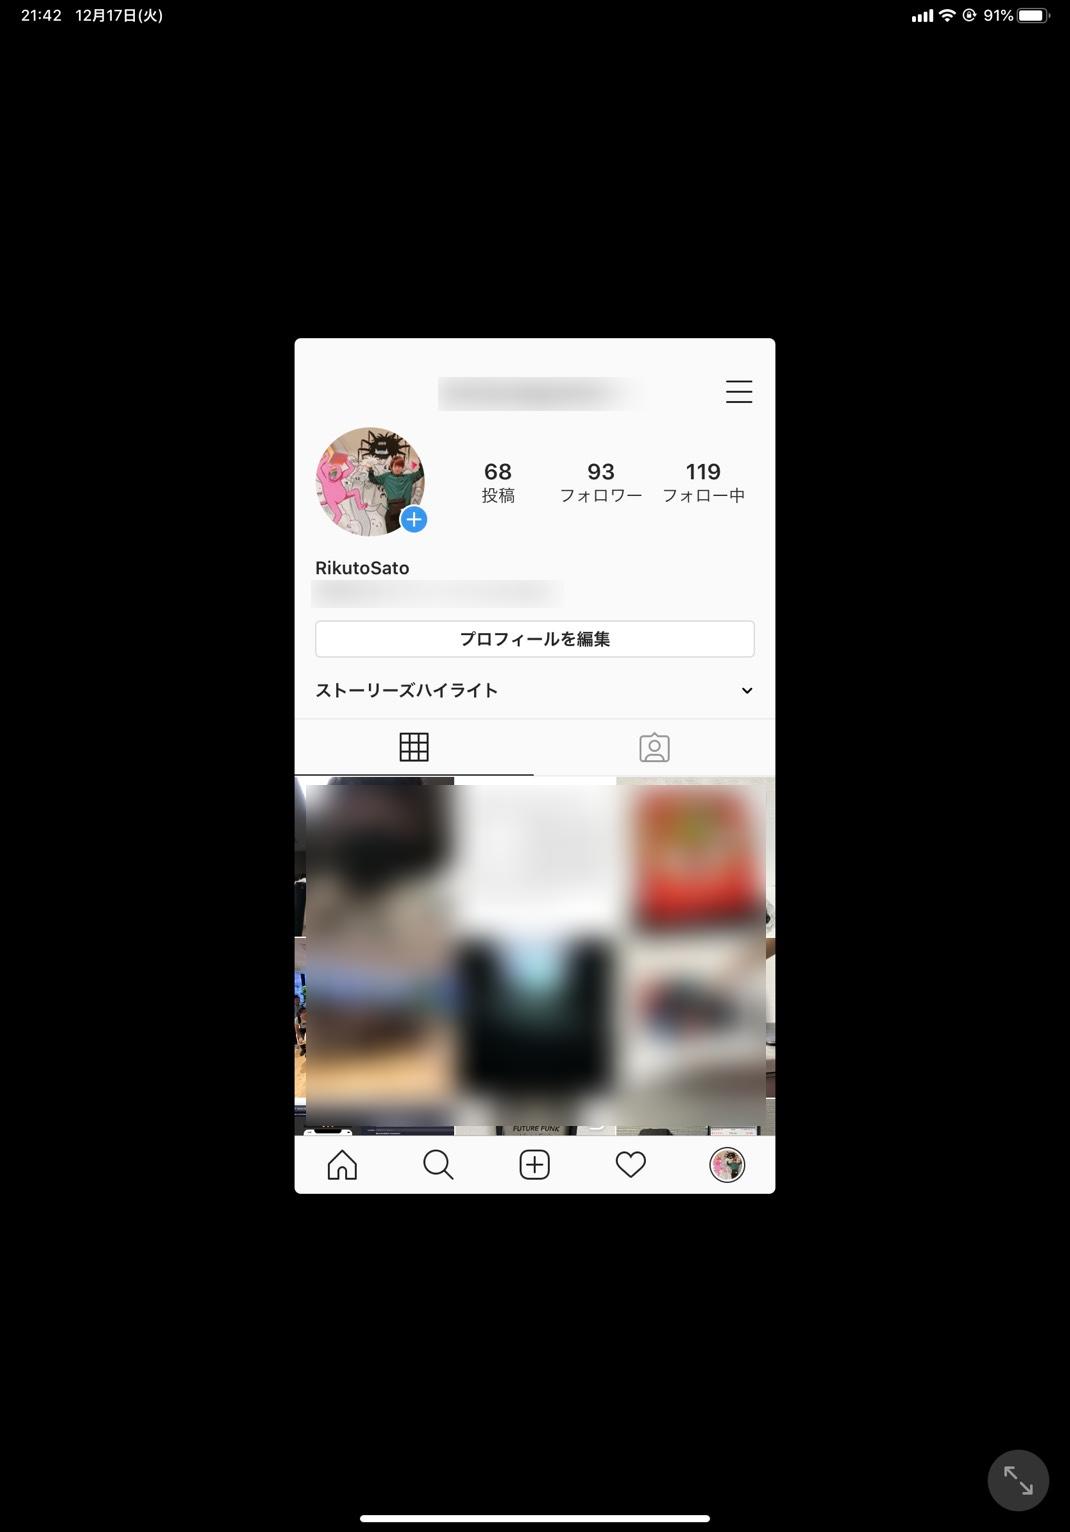 InstagramのiPad対応の画像